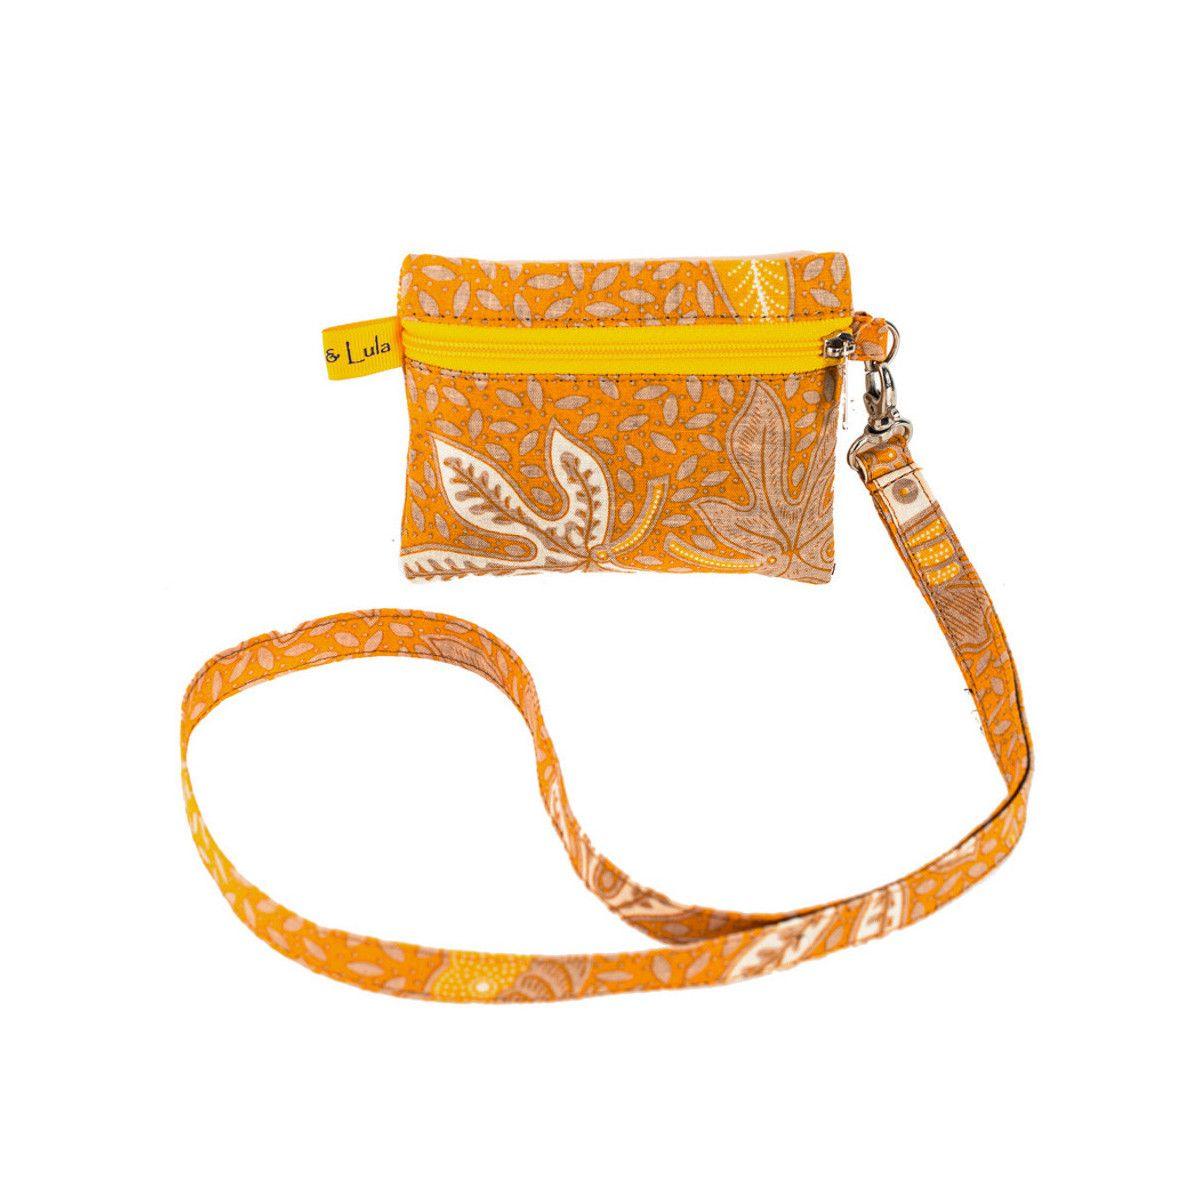 Porte badge tour de cou jaune moutarde et fleurs